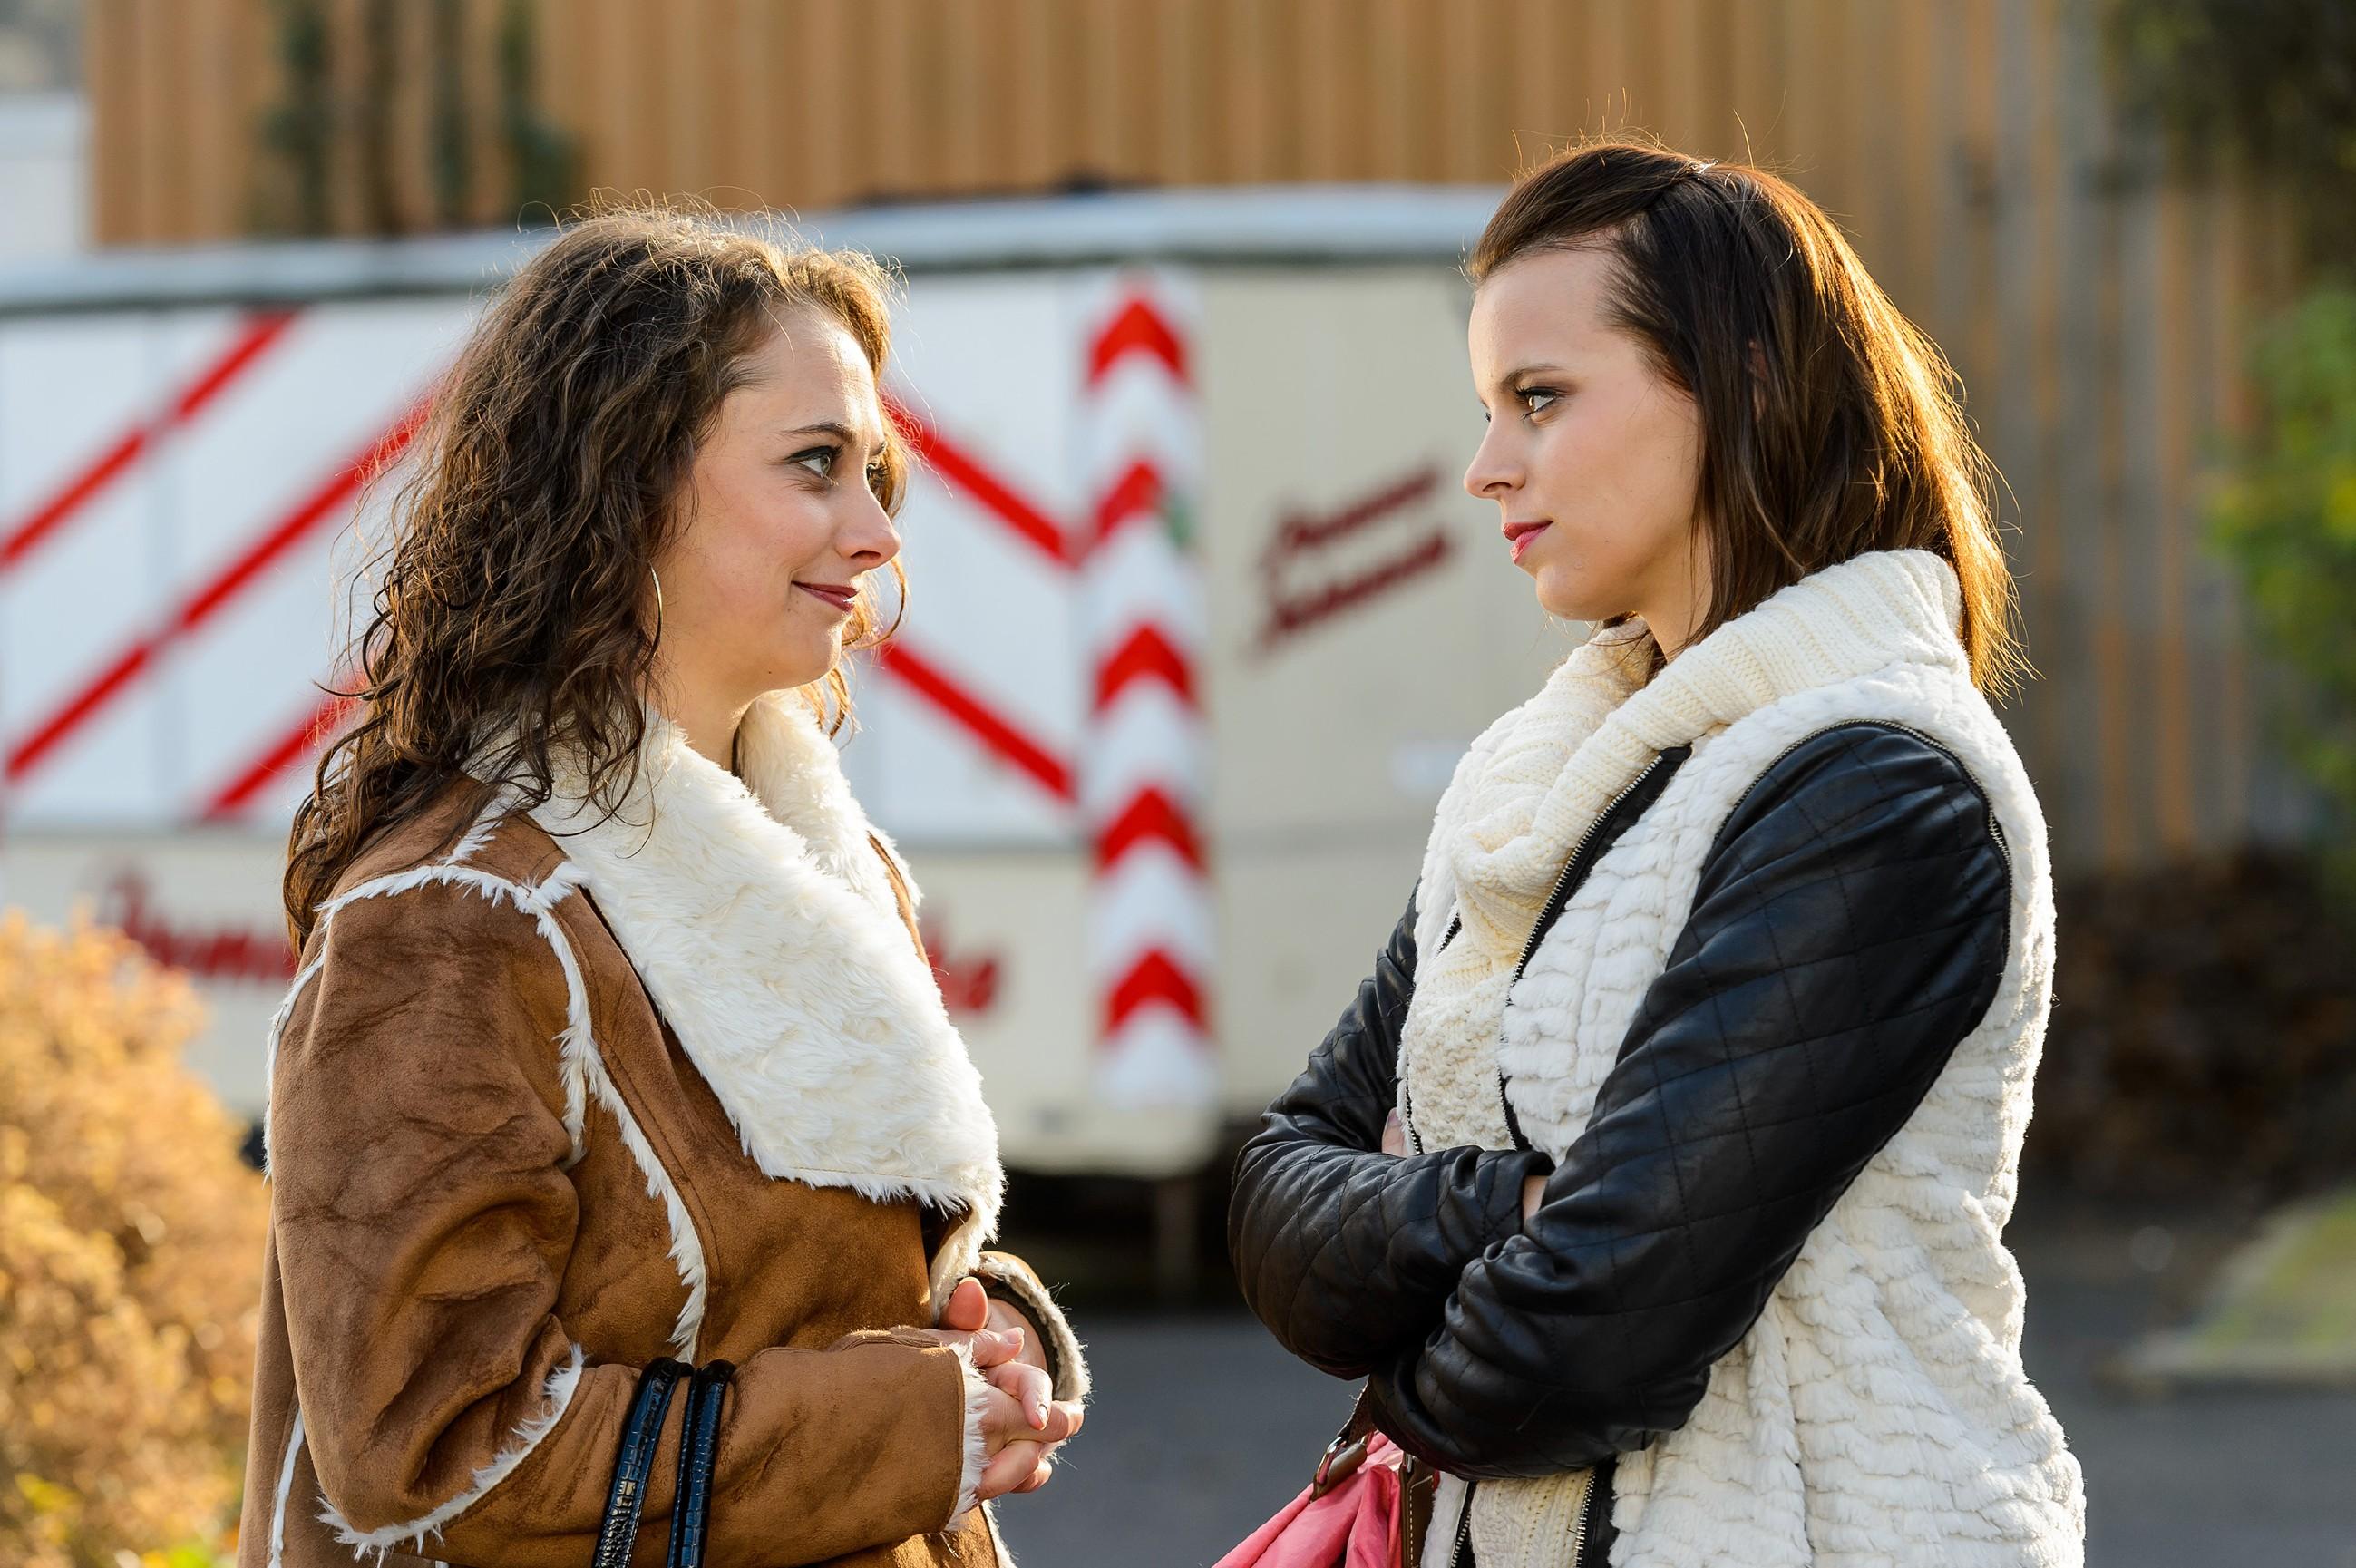 Michelle (Franziska Benz, r.) macht ihrer Mutter ihre Bedenken klar, sollte Carmen (Heike Warmuth) wirklich nach Essen ziehen. (Quelle: RTL / Willi Weber)